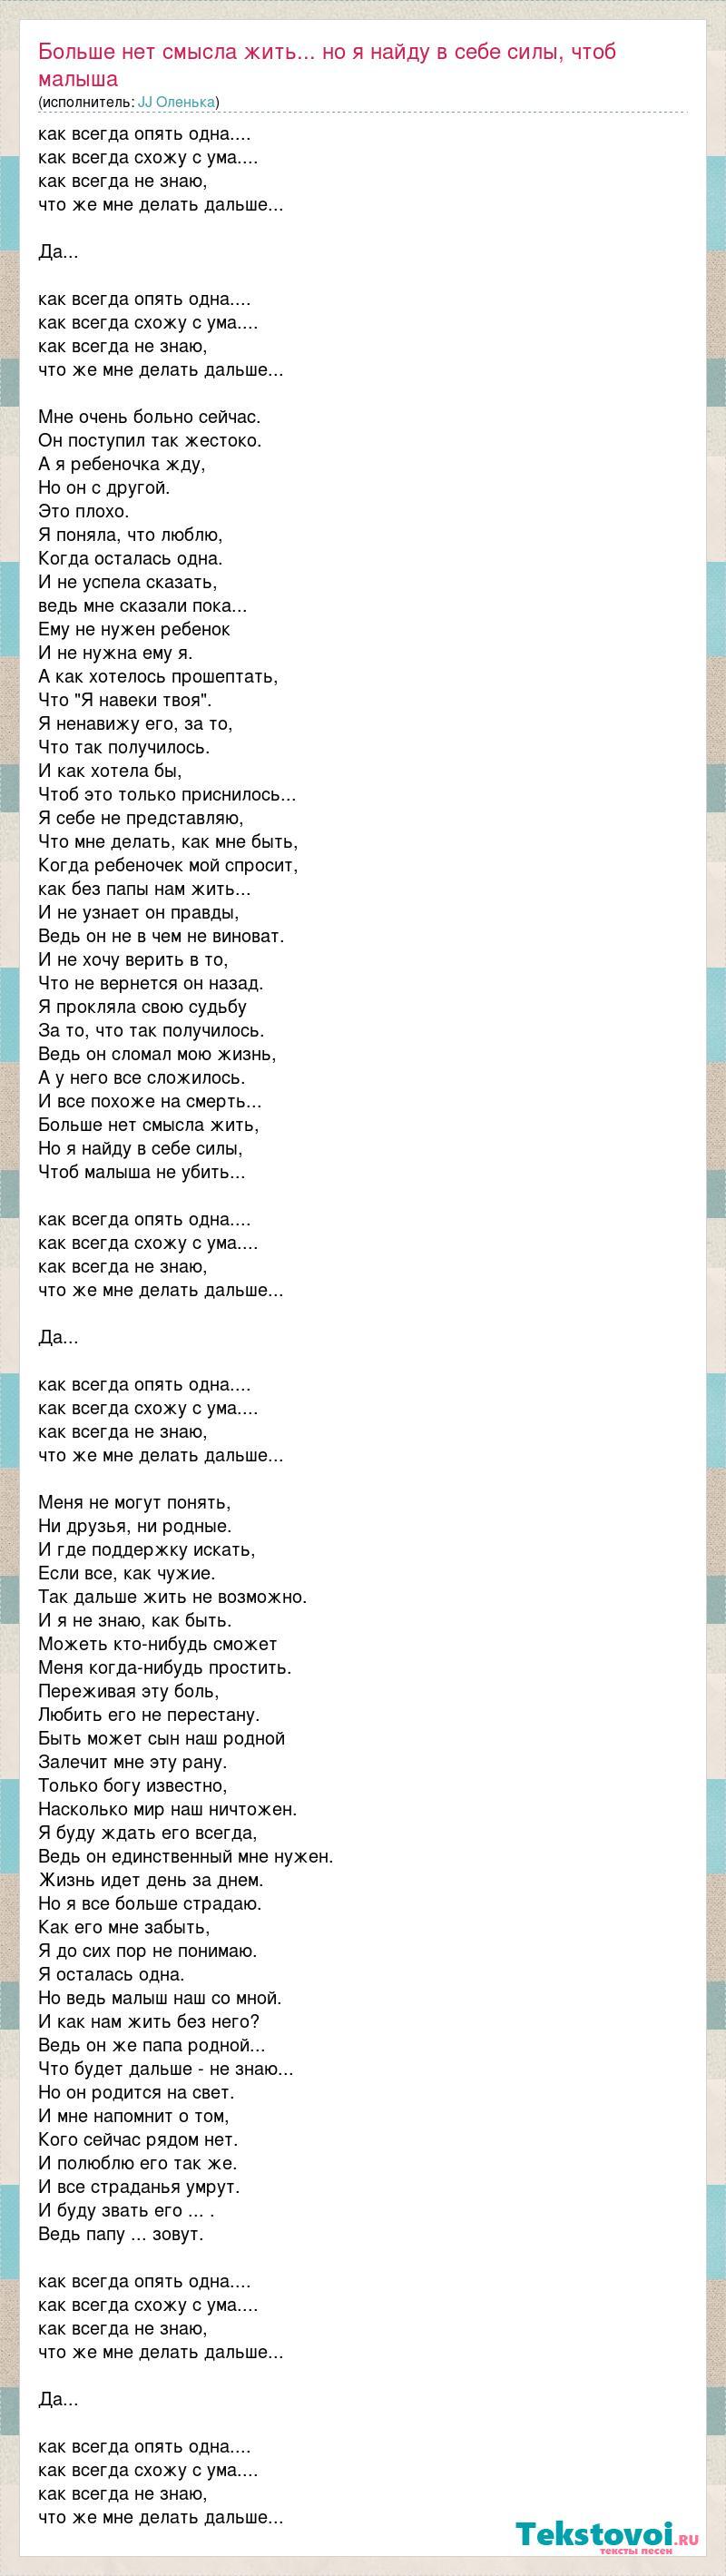 Текст песни(слова) - Сон